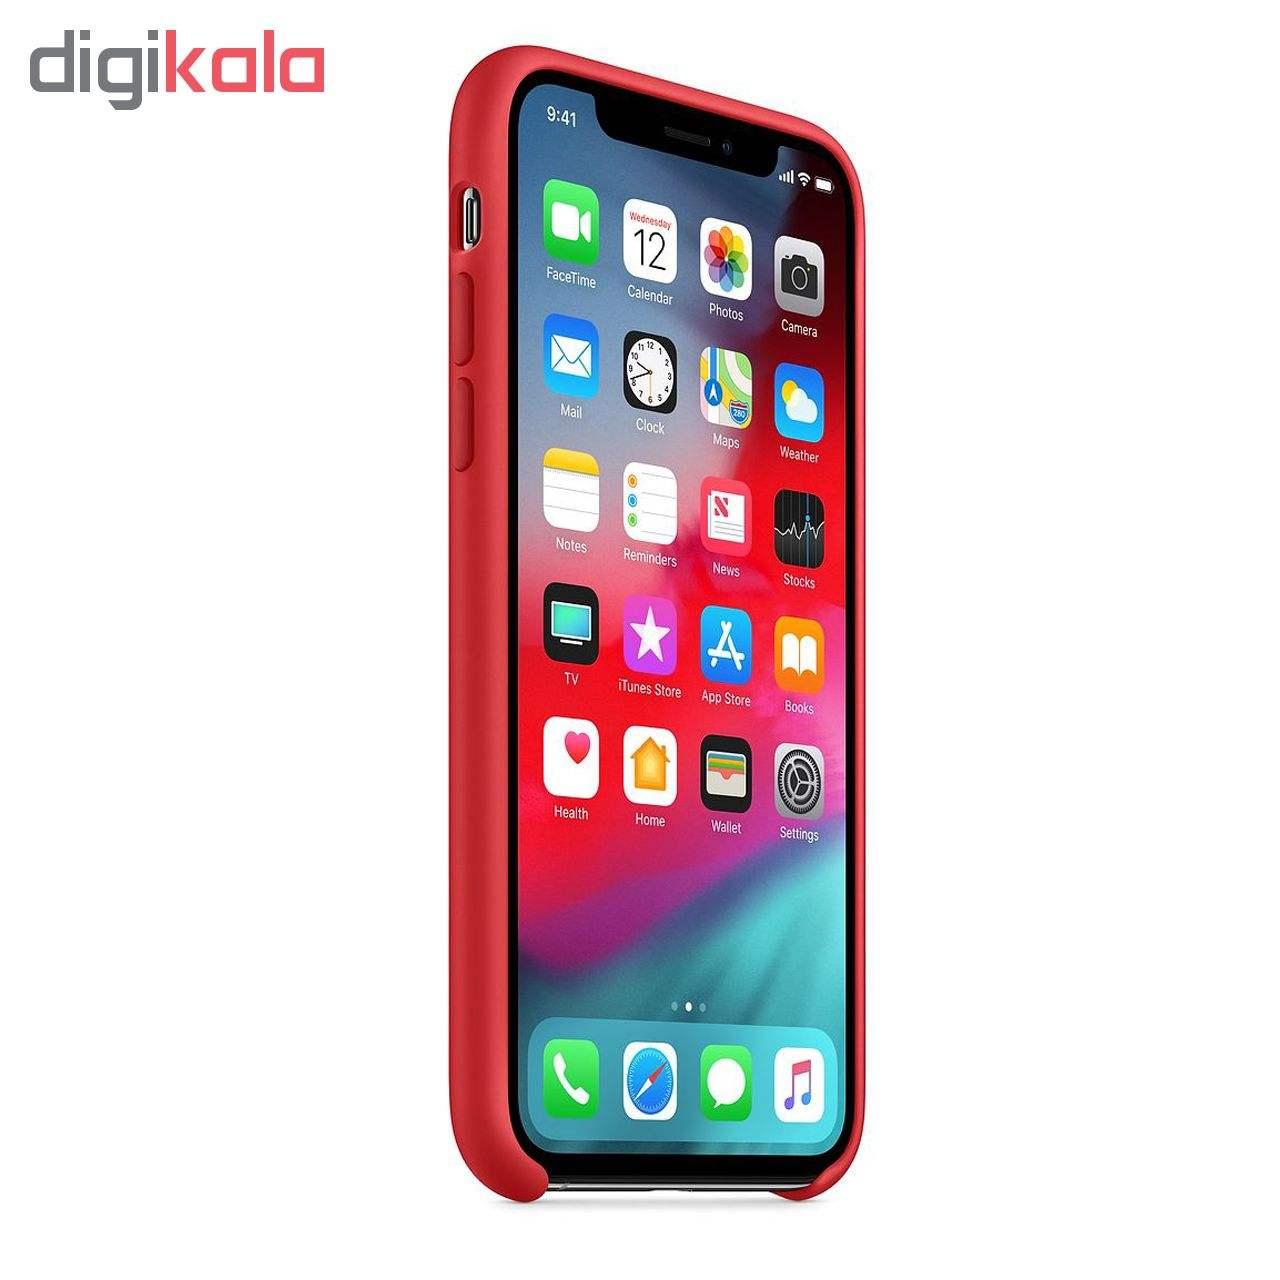 کاور مدل sili003 مناسب برای گوشی موبایل اپل Iphone X / XS main 1 3